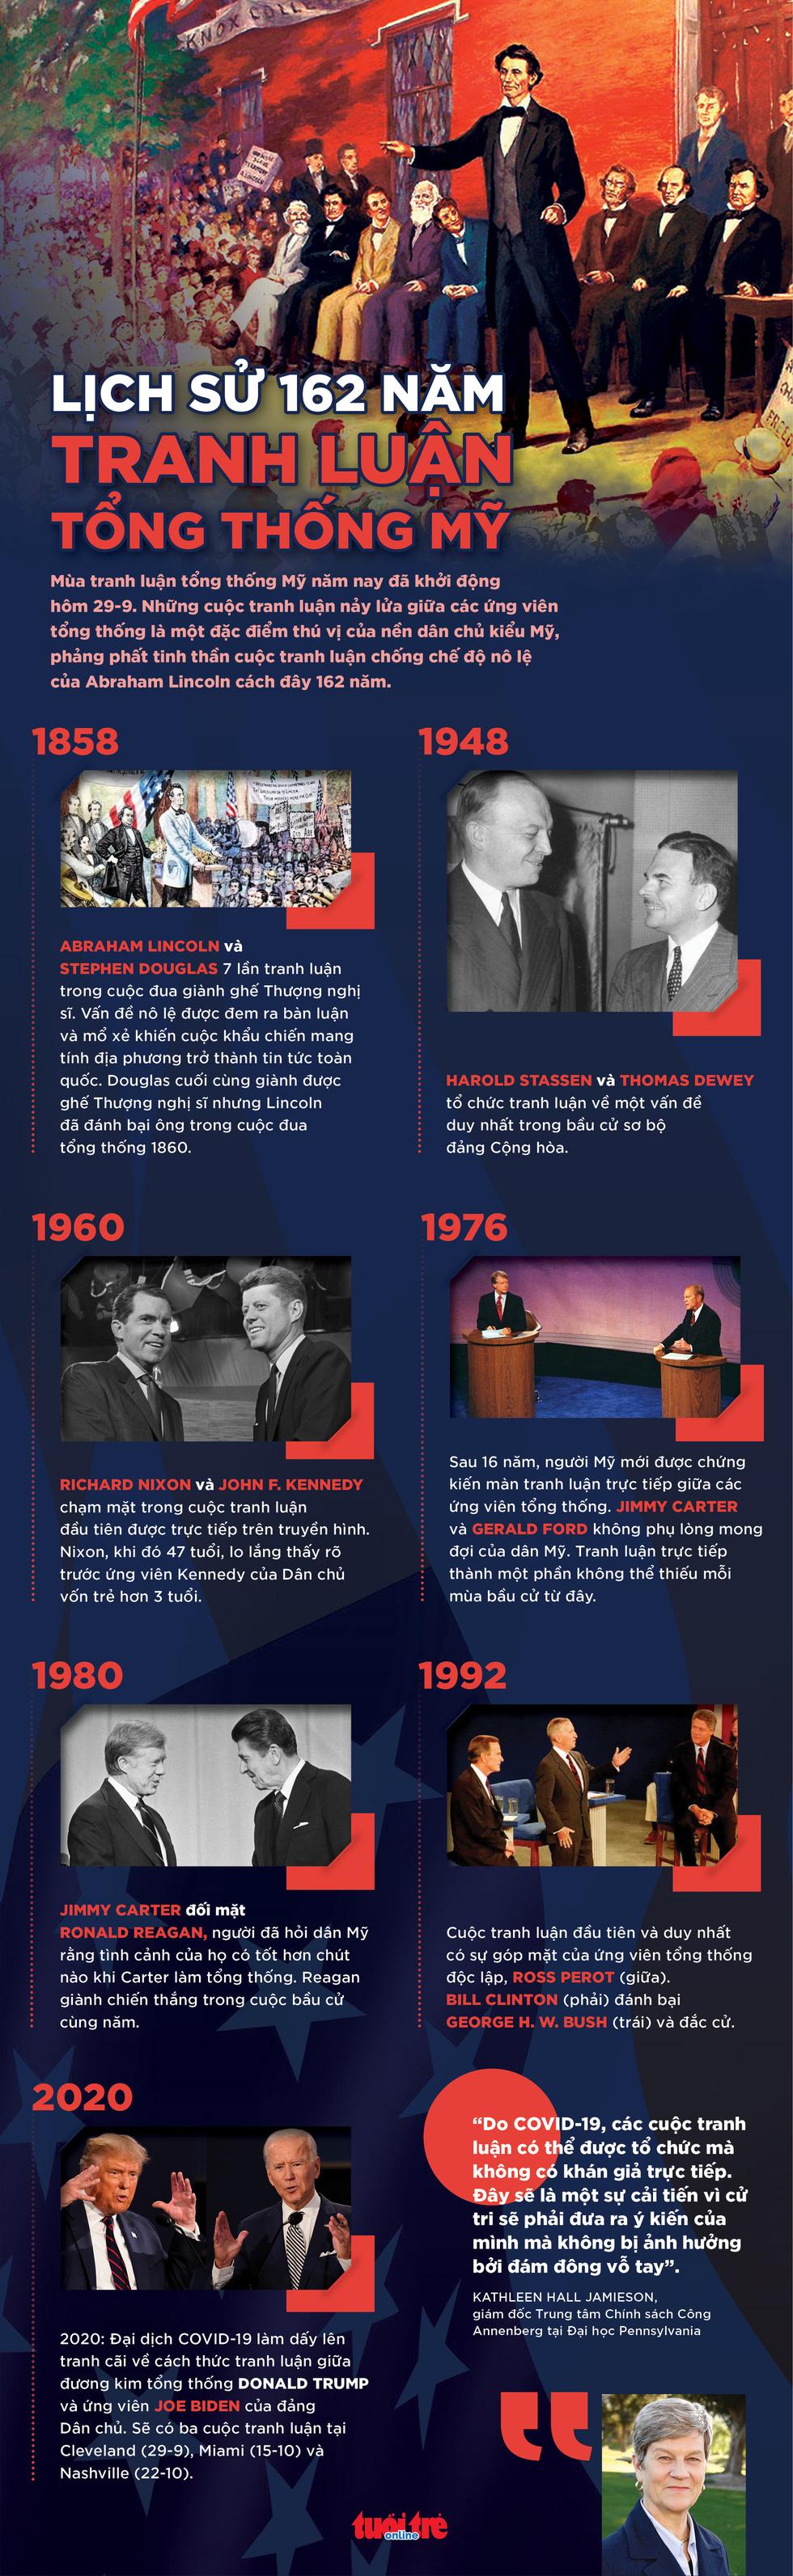 Lịch sử 162 năm tranh luận tổng thống Mỹ - Ảnh 1.